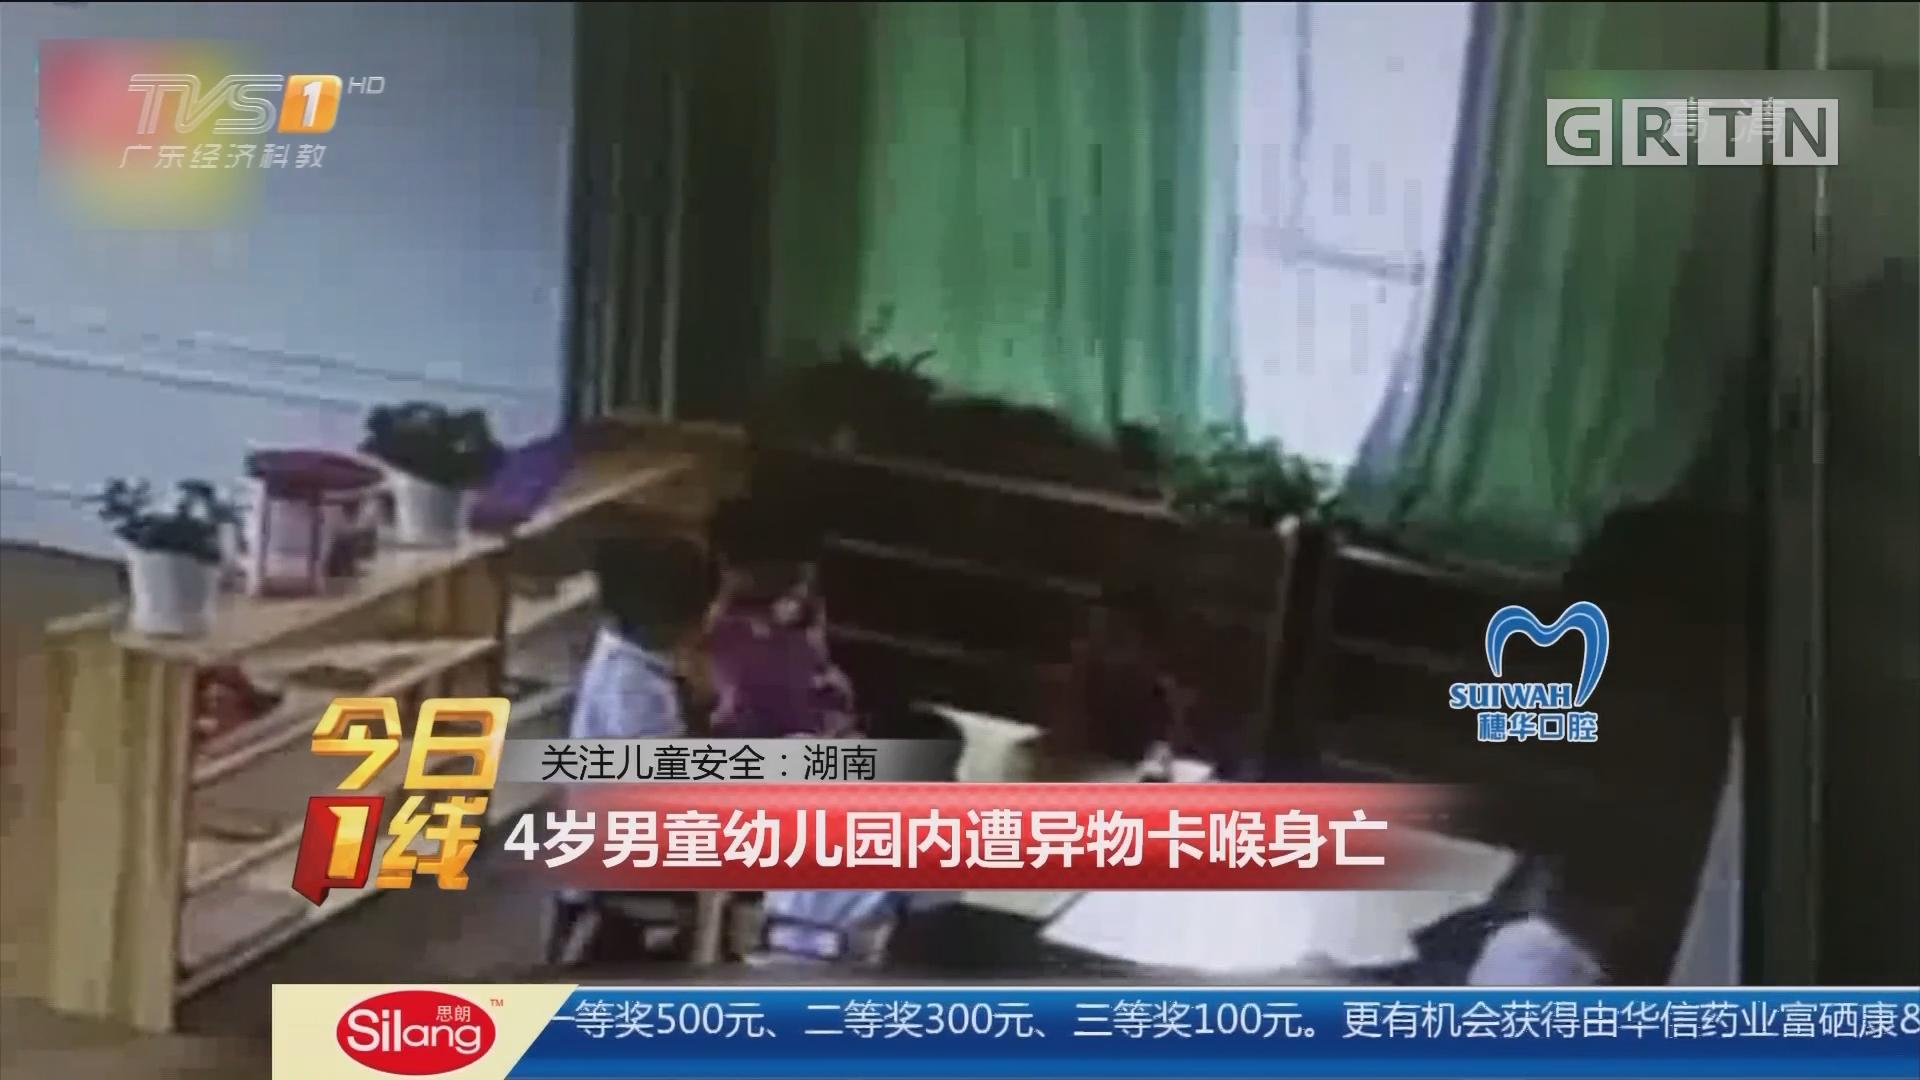 关注儿童安全:湖南 4岁男童幼儿园内遭异物卡喉身亡